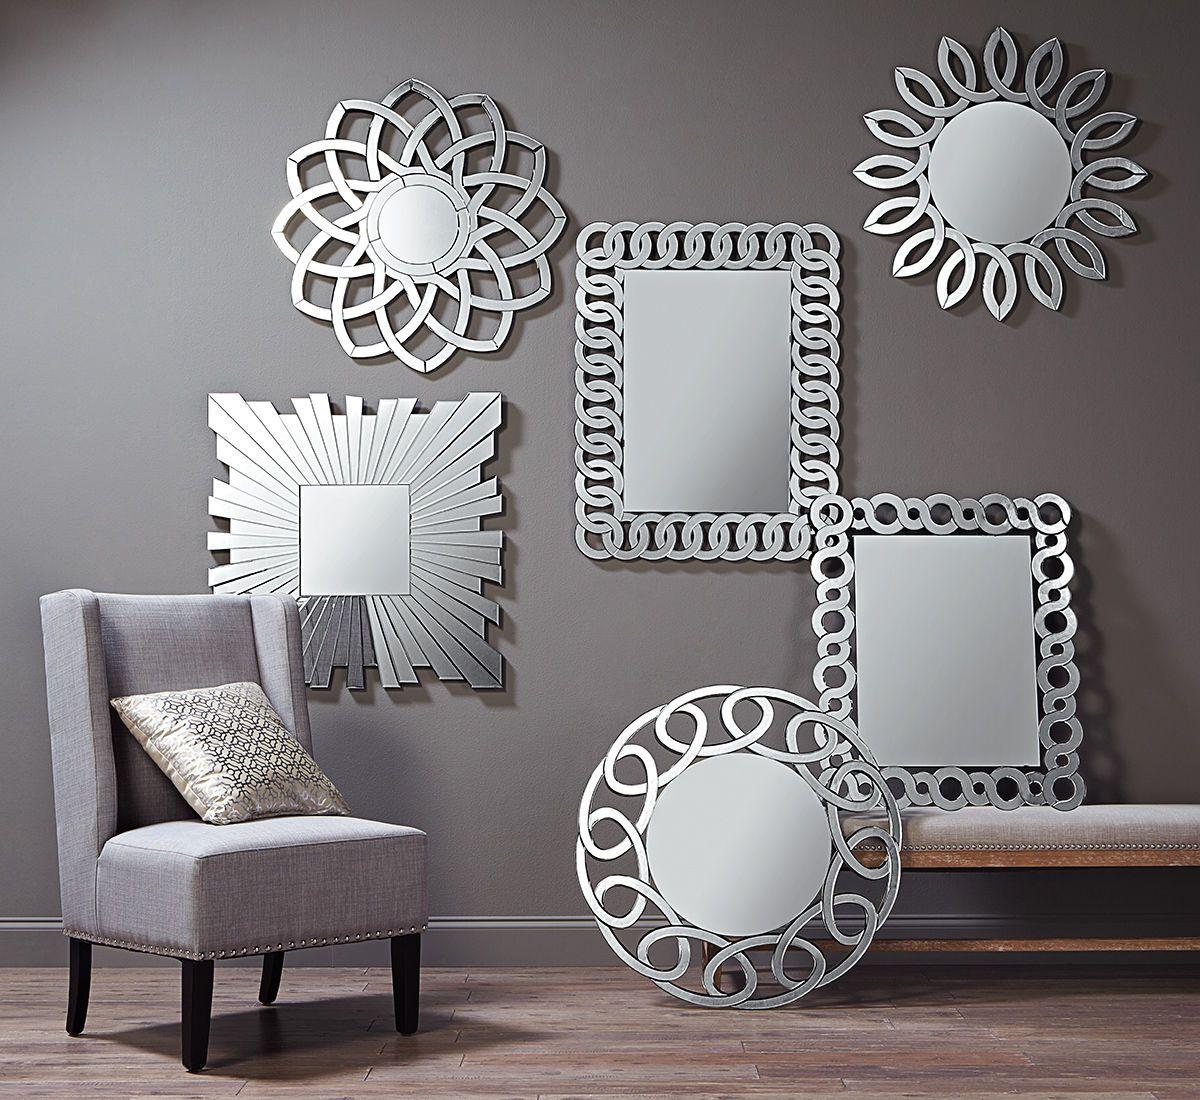 Deco mirrors